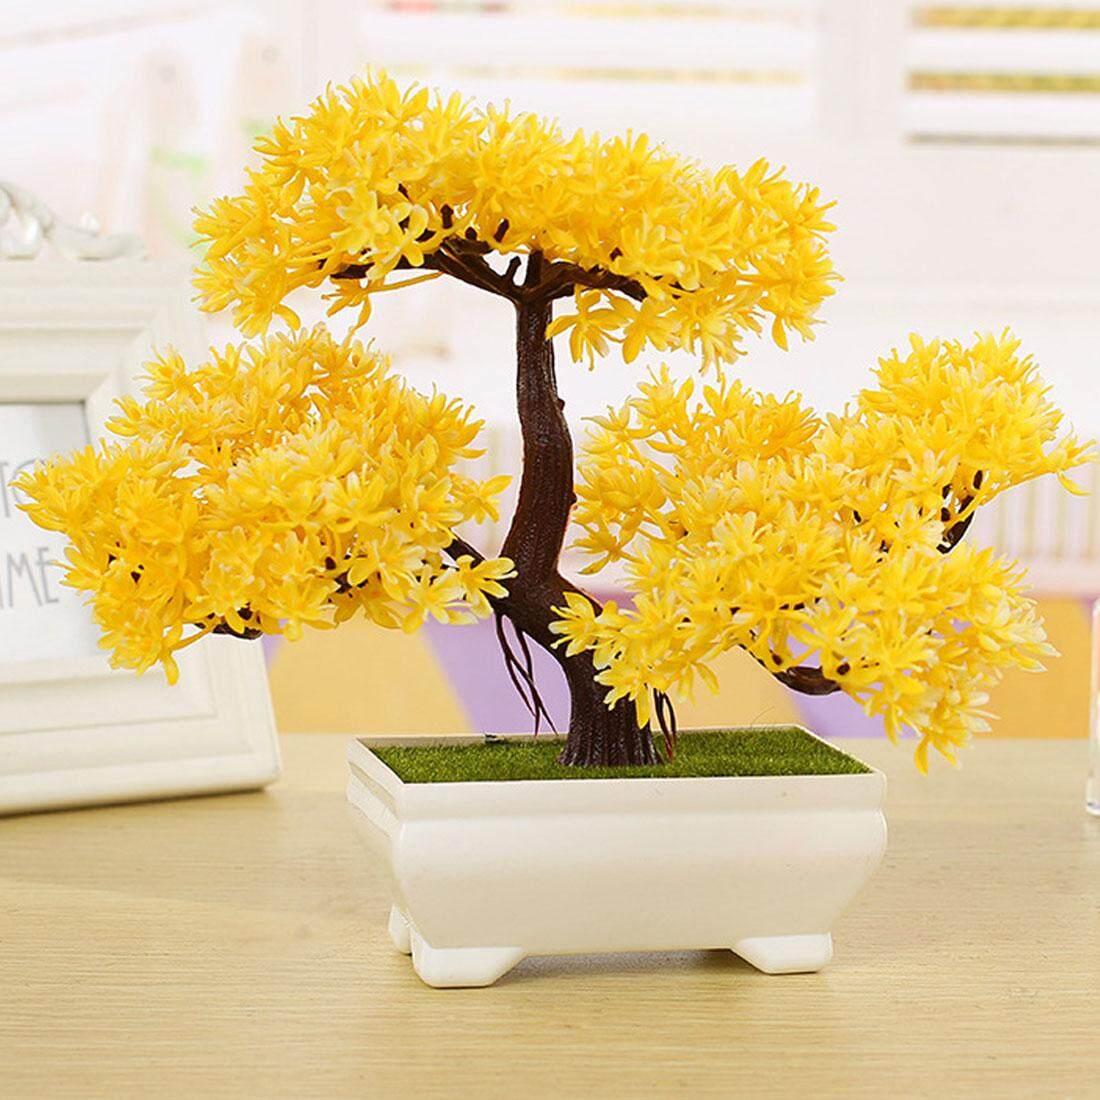 Mini Trigeminal Pinus Penyambut Kecil Pot Tanaman Bunga Buatan Kecil Bonsai  untuk Dekorasi Rumah Festival- 6fec5c7d3e